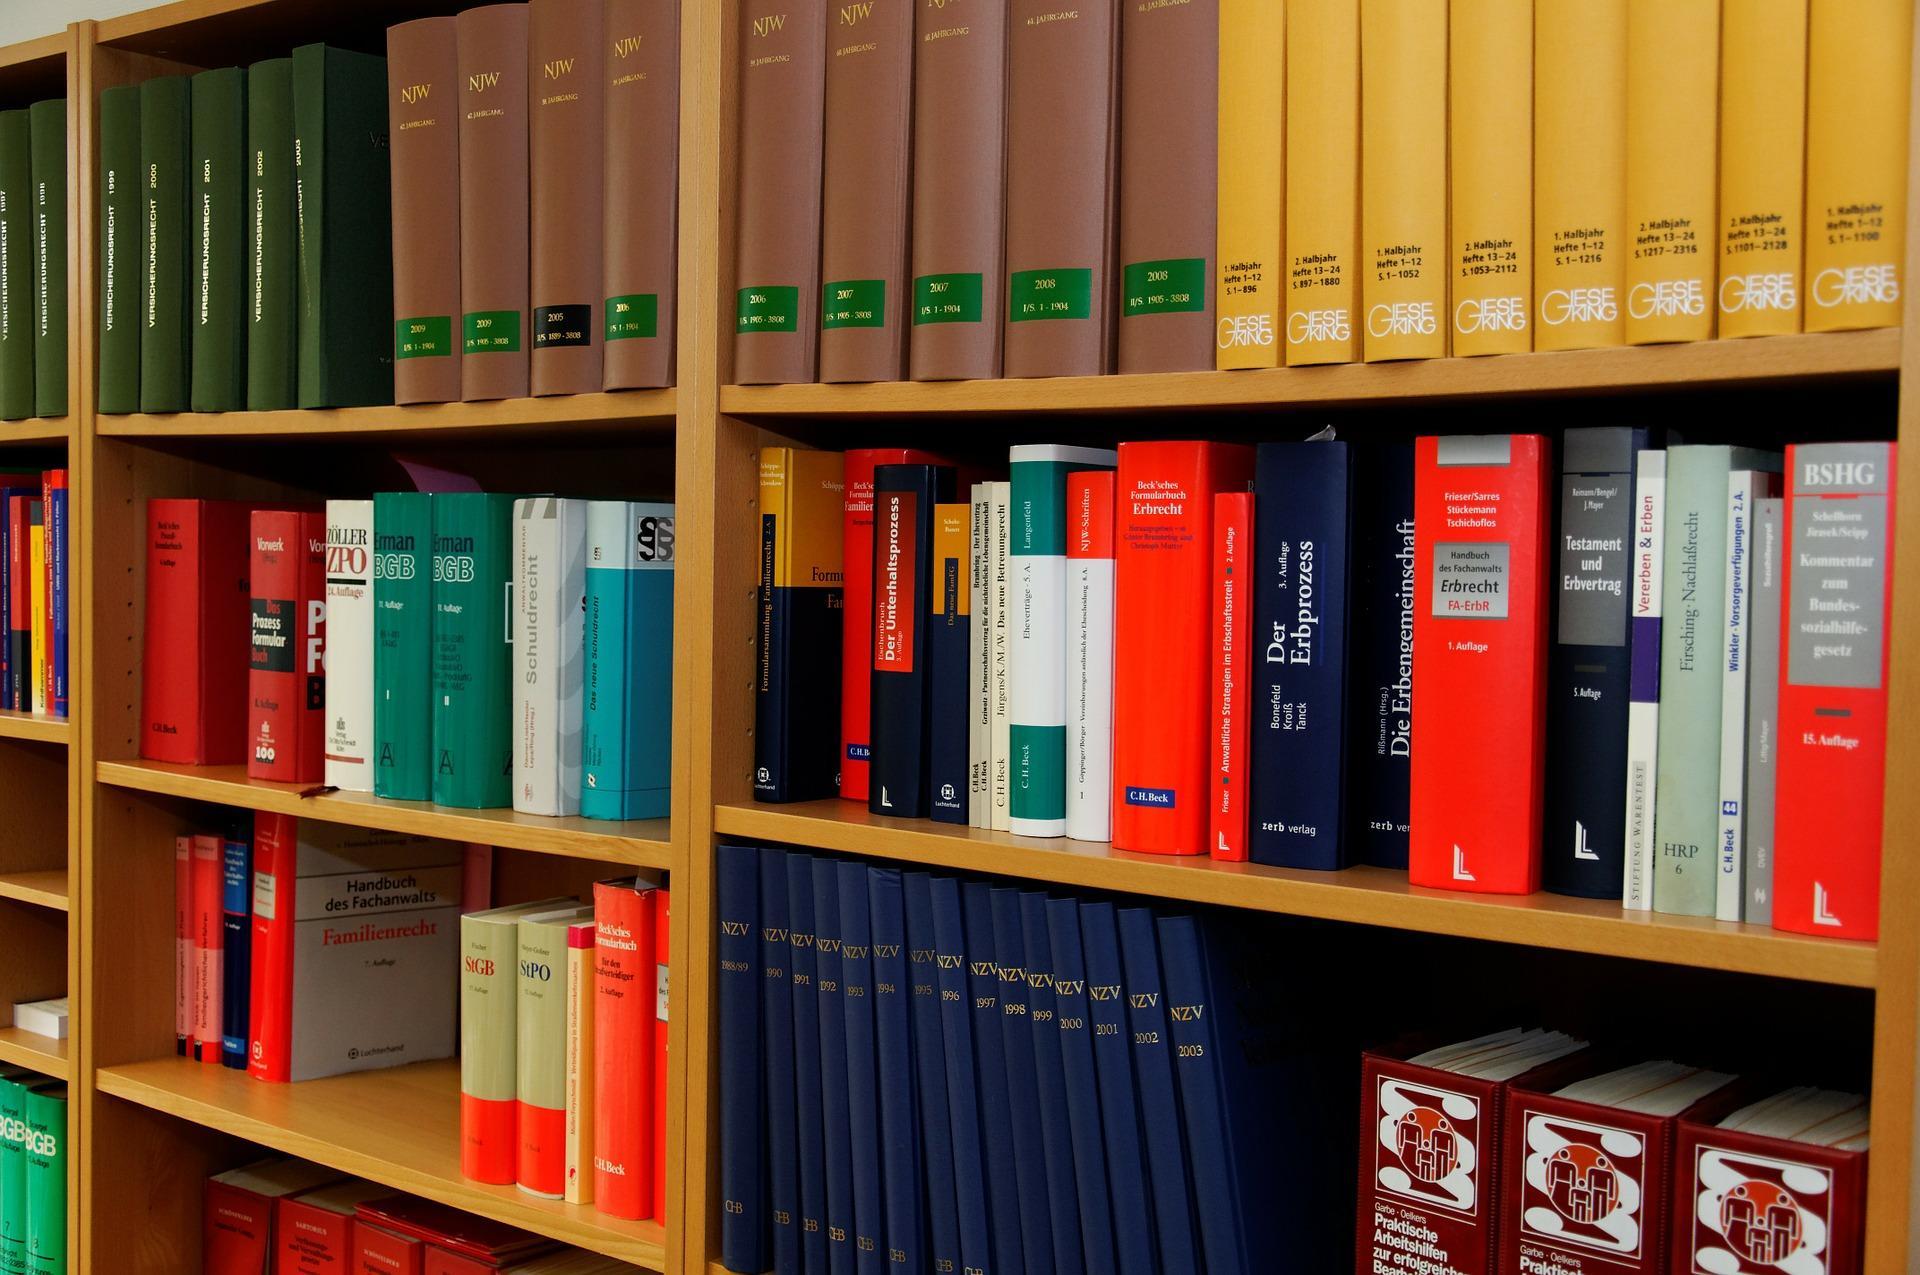 Vergleichsmehrwert in sozialgerichtlichen Verfahren